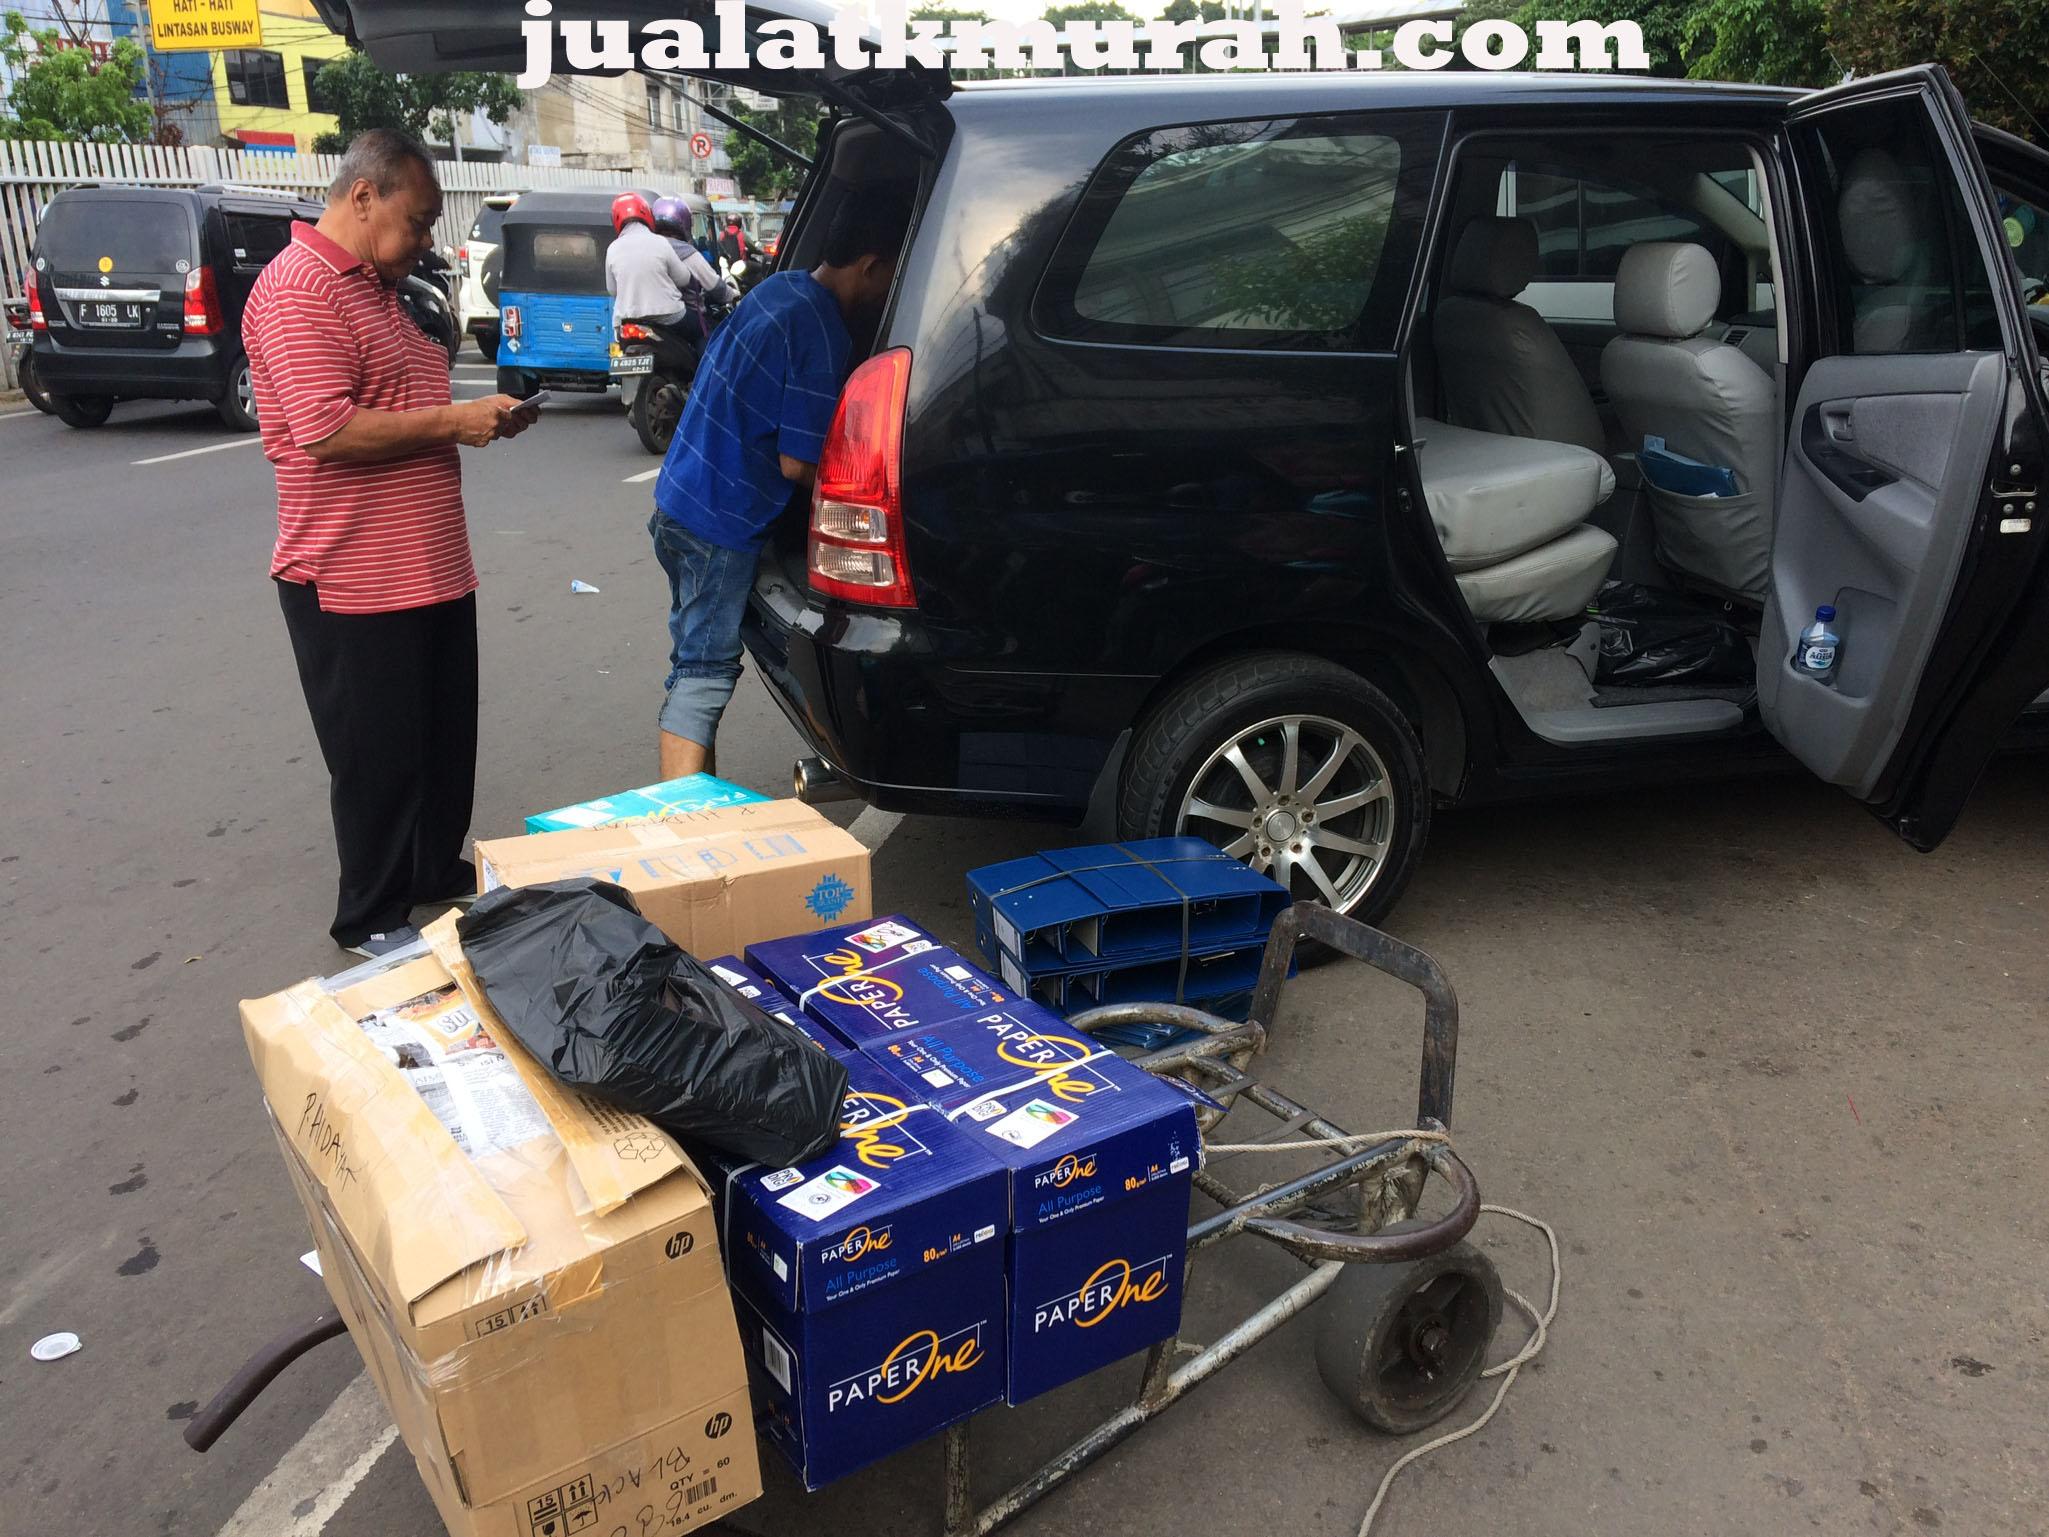 Jual ATK Murah Cawang Jakarta Timur